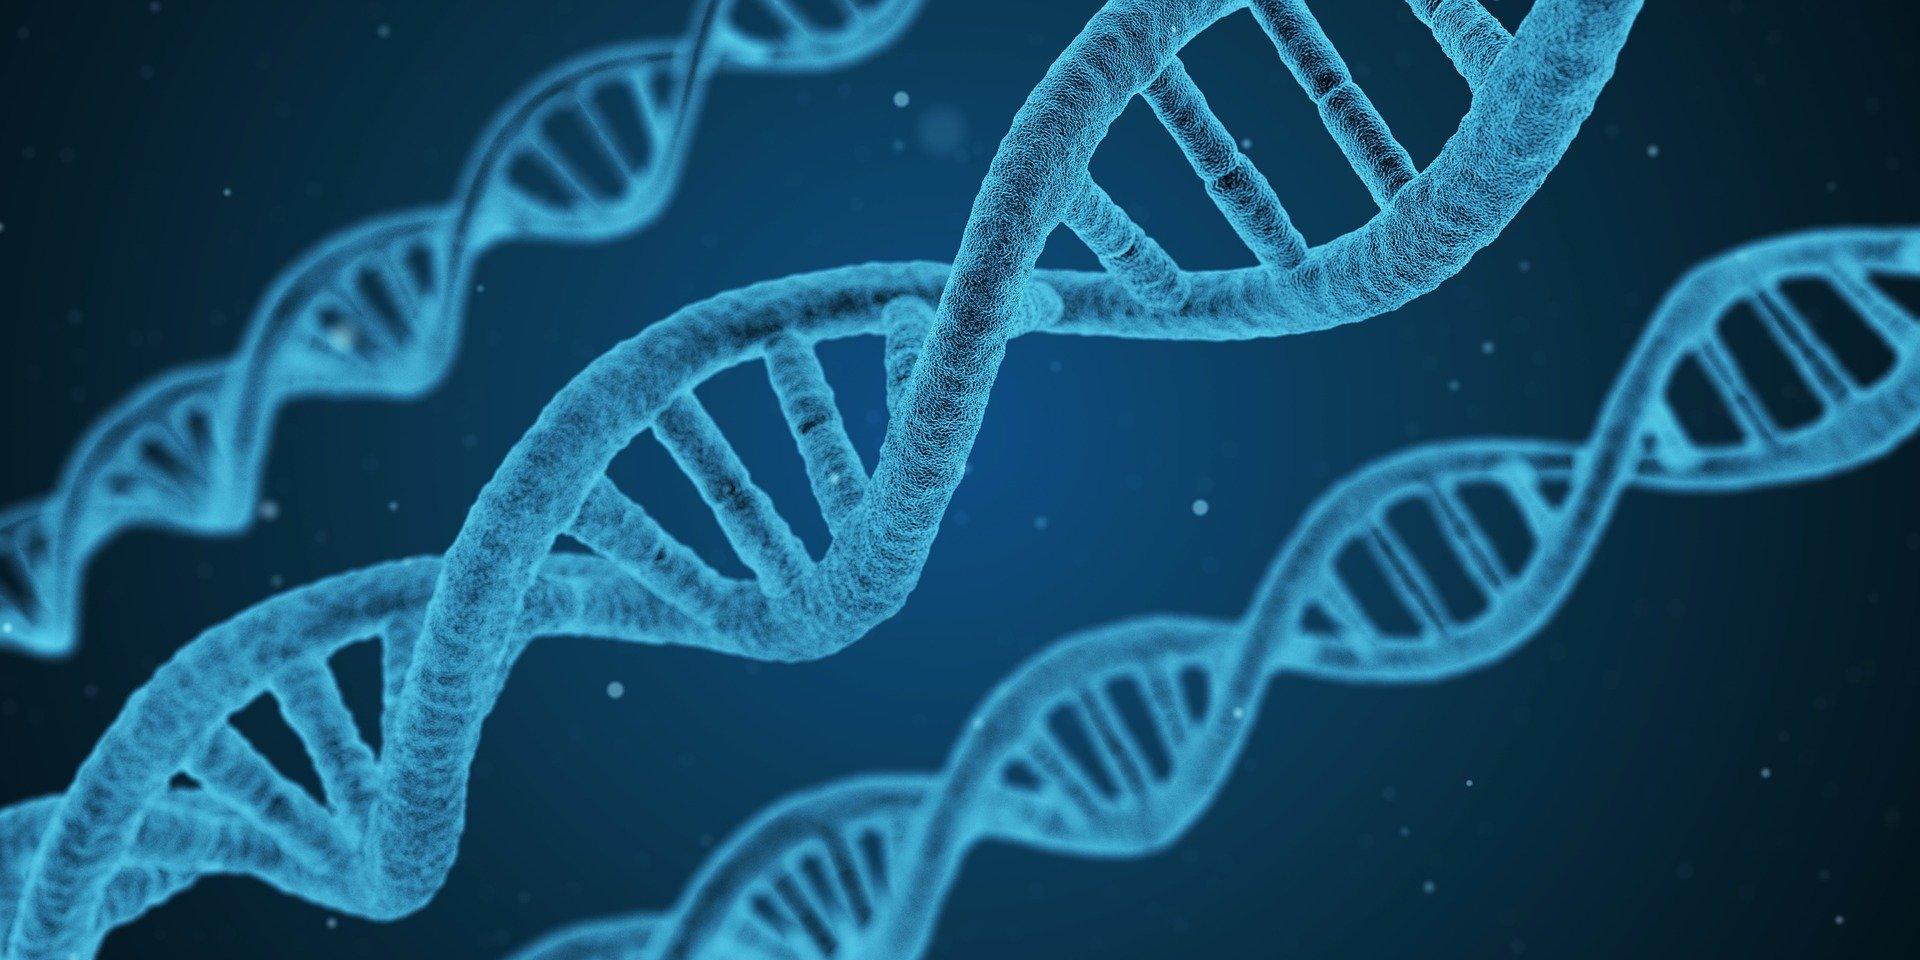 El ADN es la señal de identidad de los seres vivos